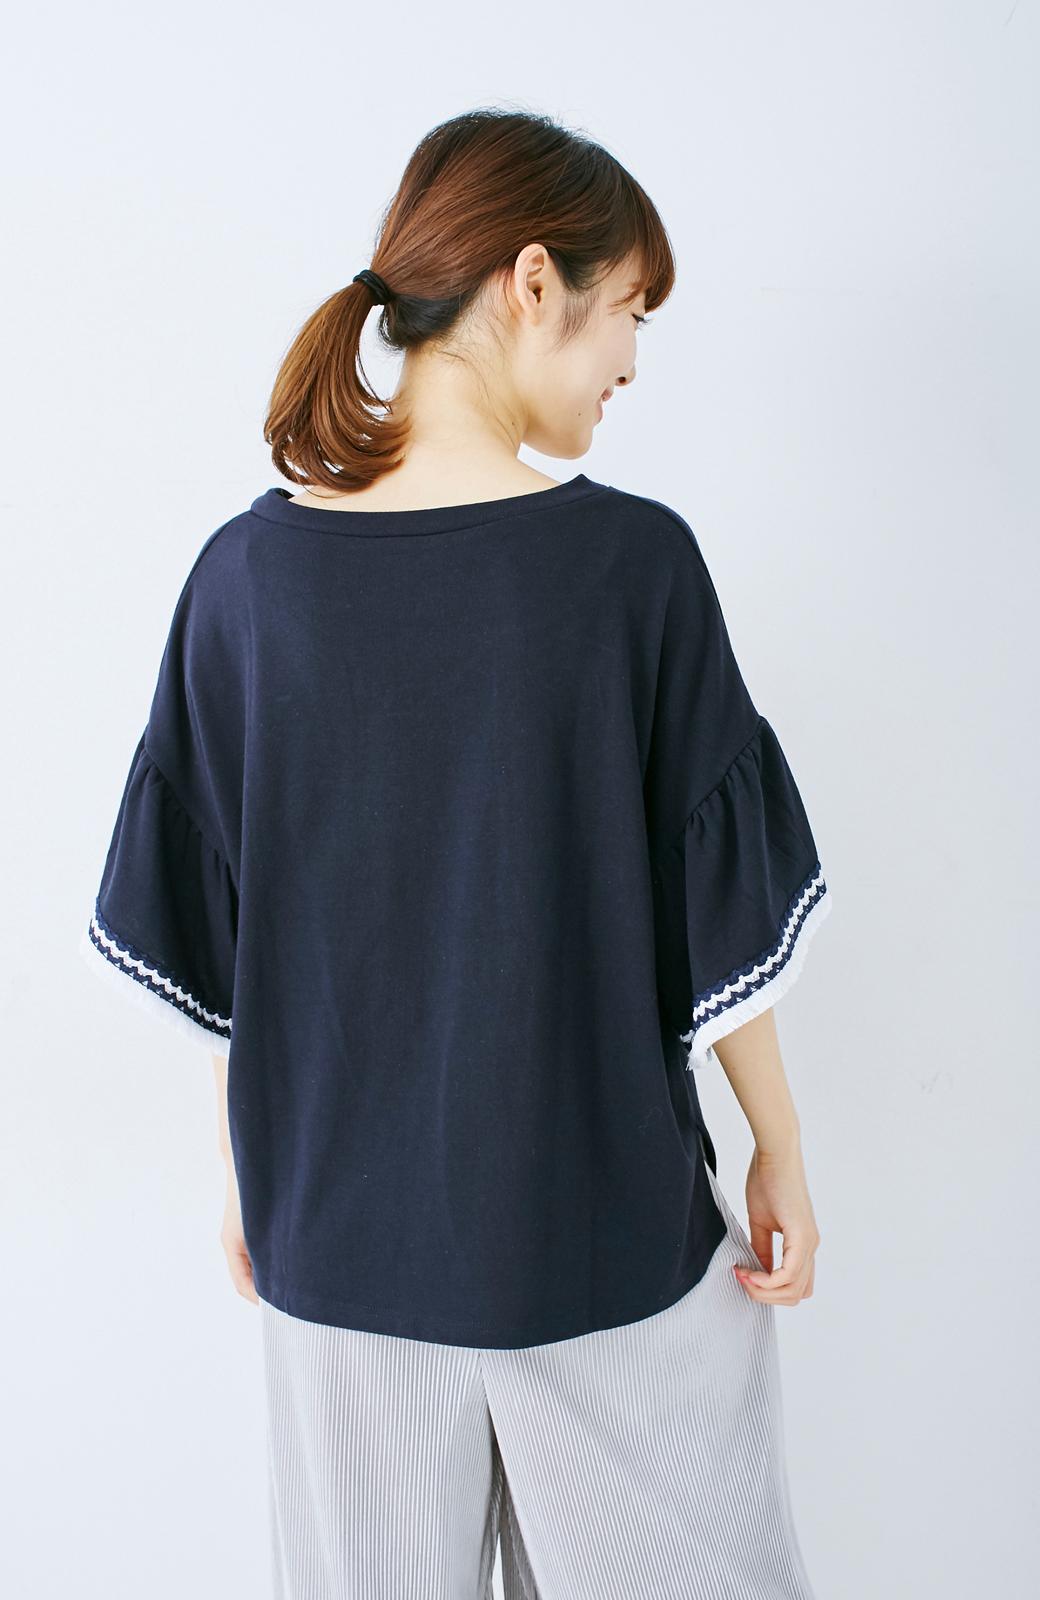 エムトロワ 女らしくフリンジを楽しむ Vネックふんわり袖トップス <ネイビー>の商品写真9